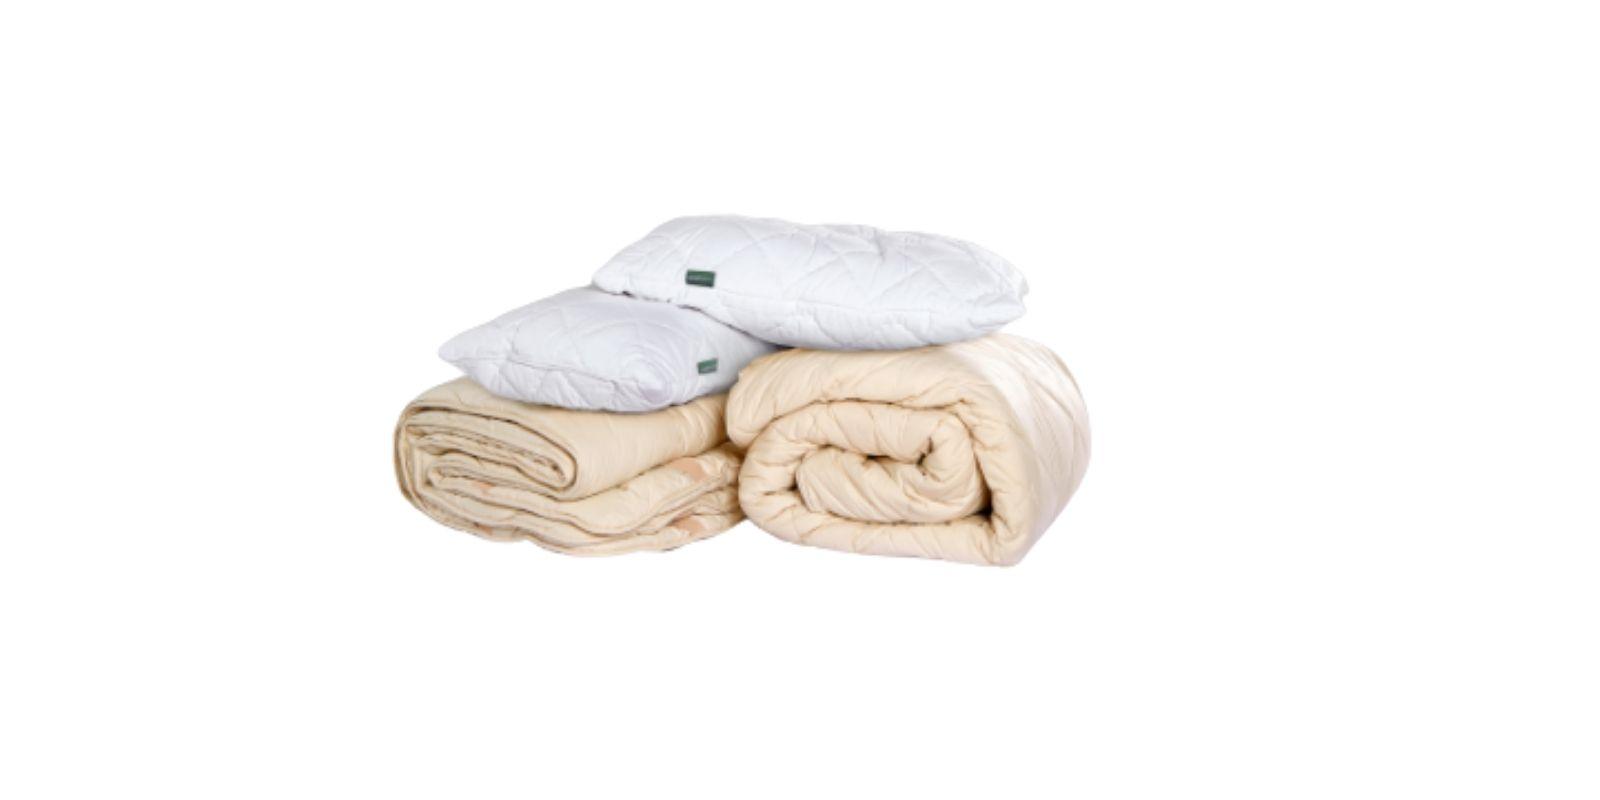 Duvets, Pillows, etc